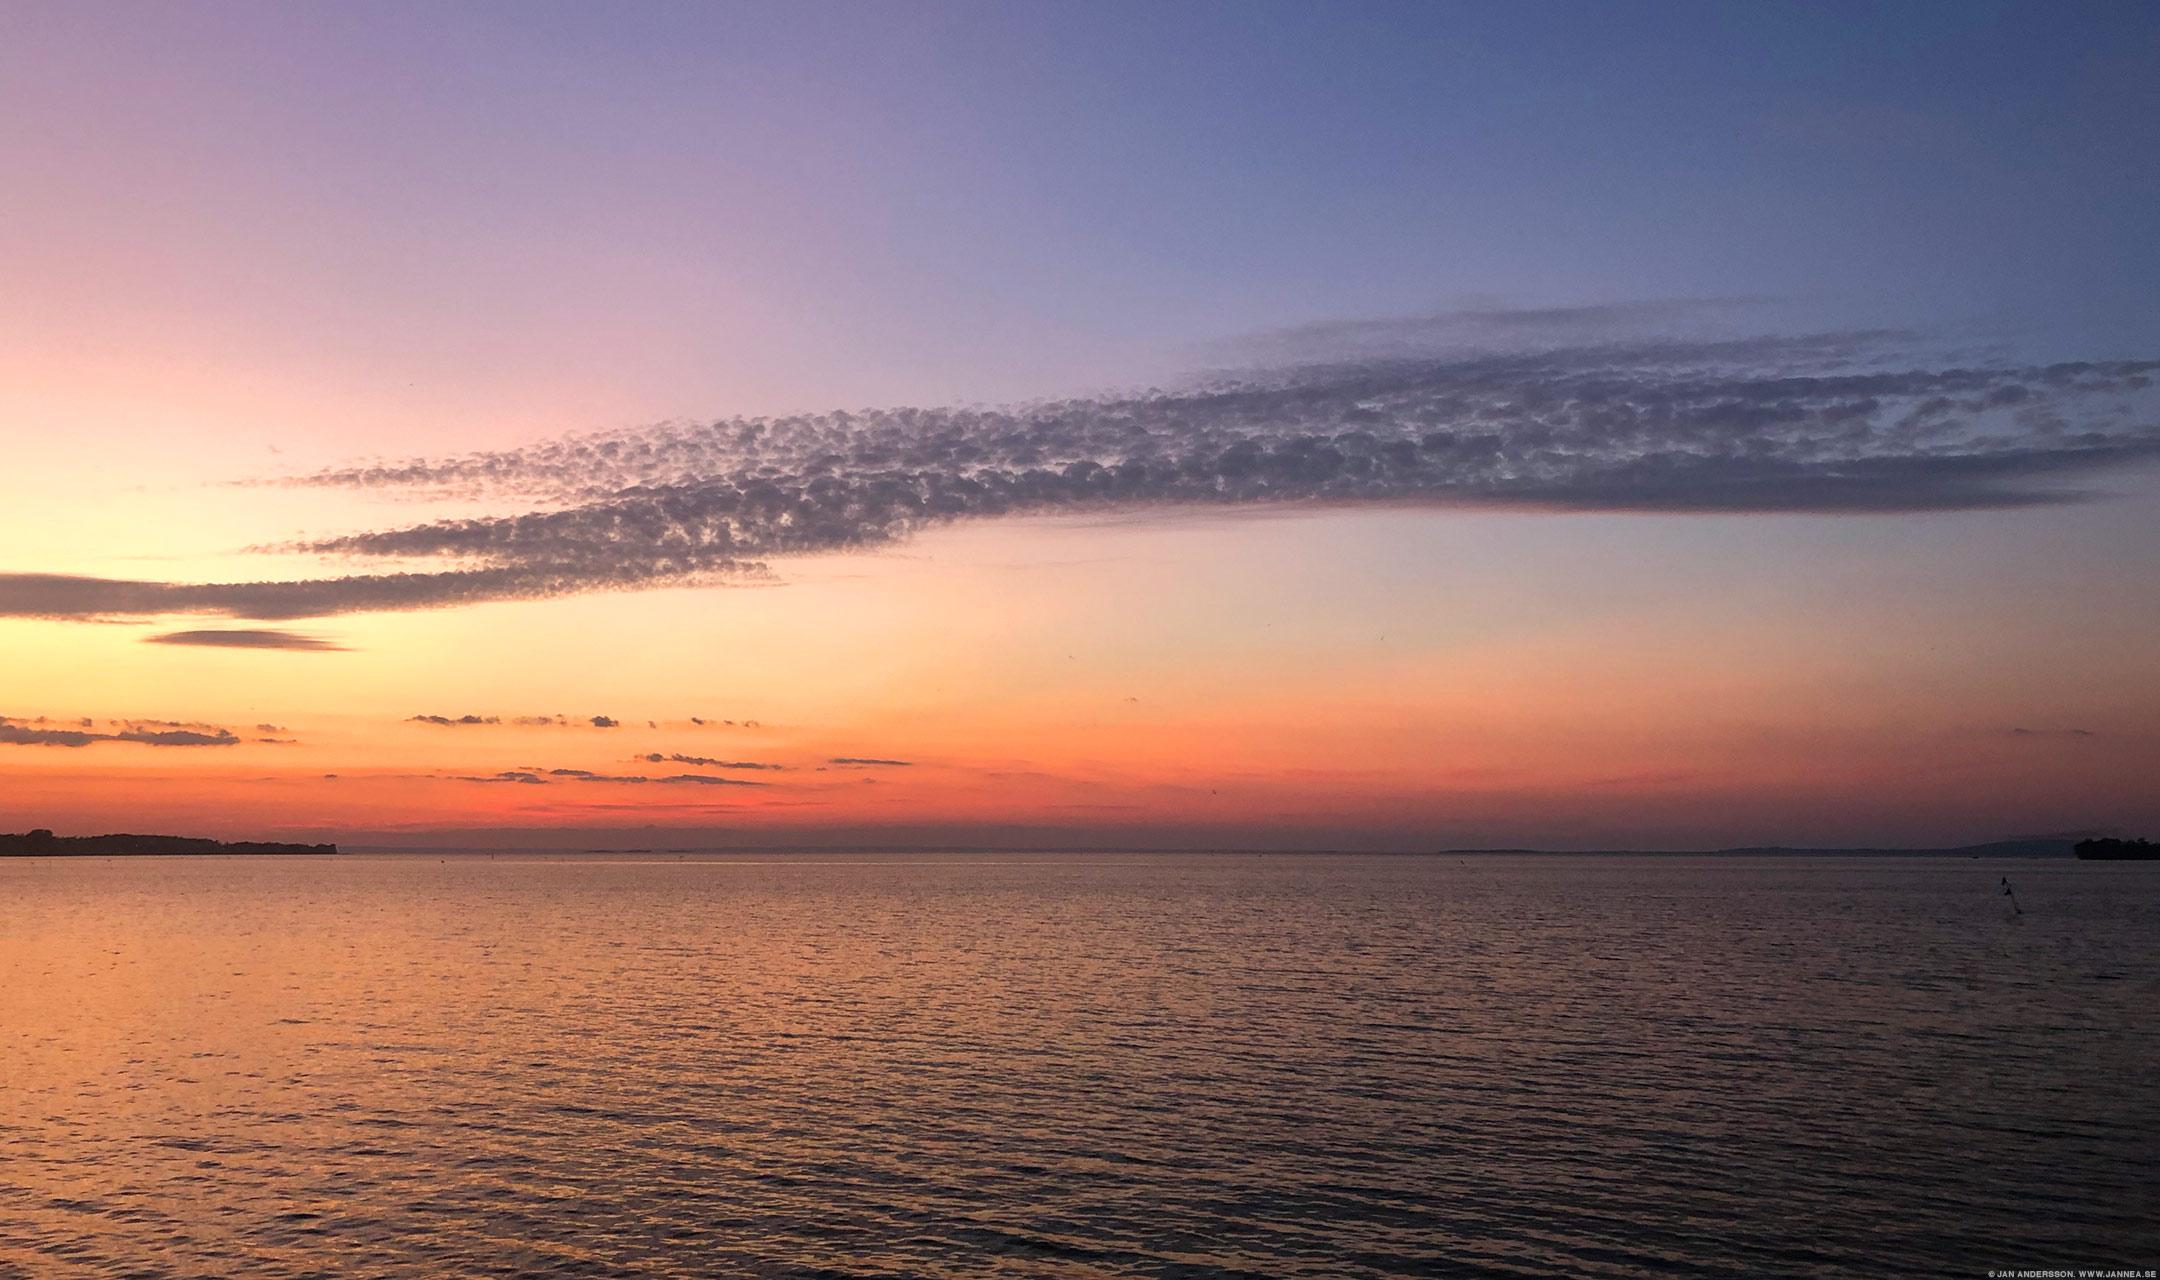 När solen försvinner blir det kallt |©Jan Andersson